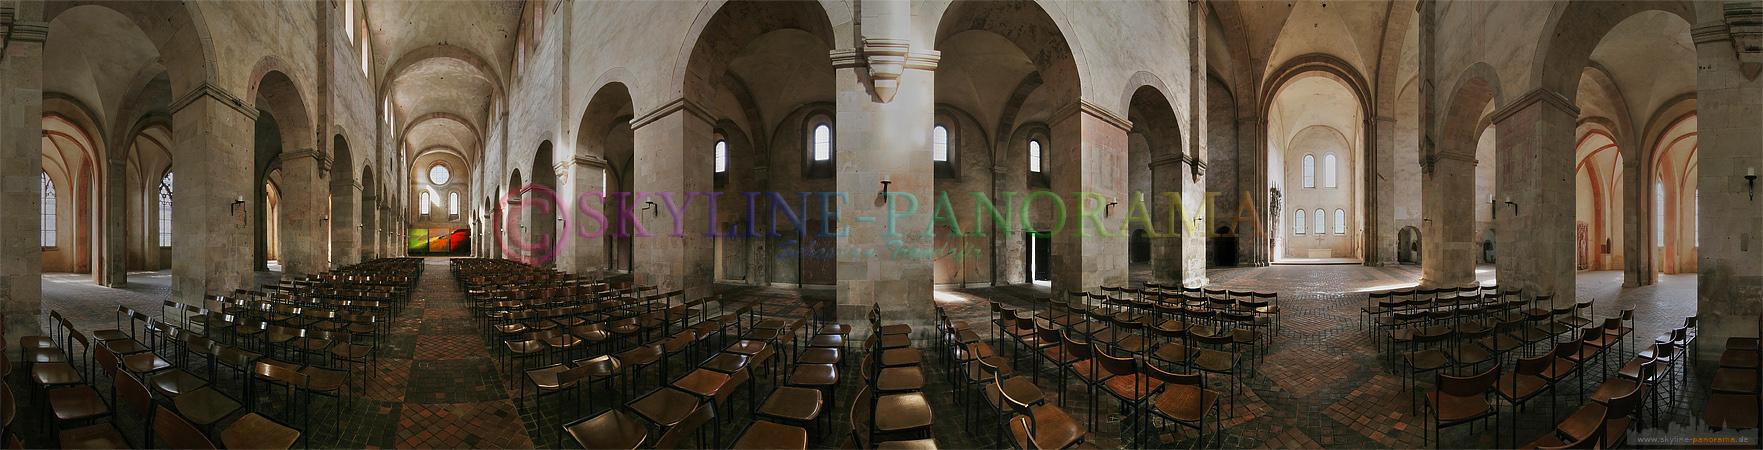 Kloster Eberbach - Rheingau